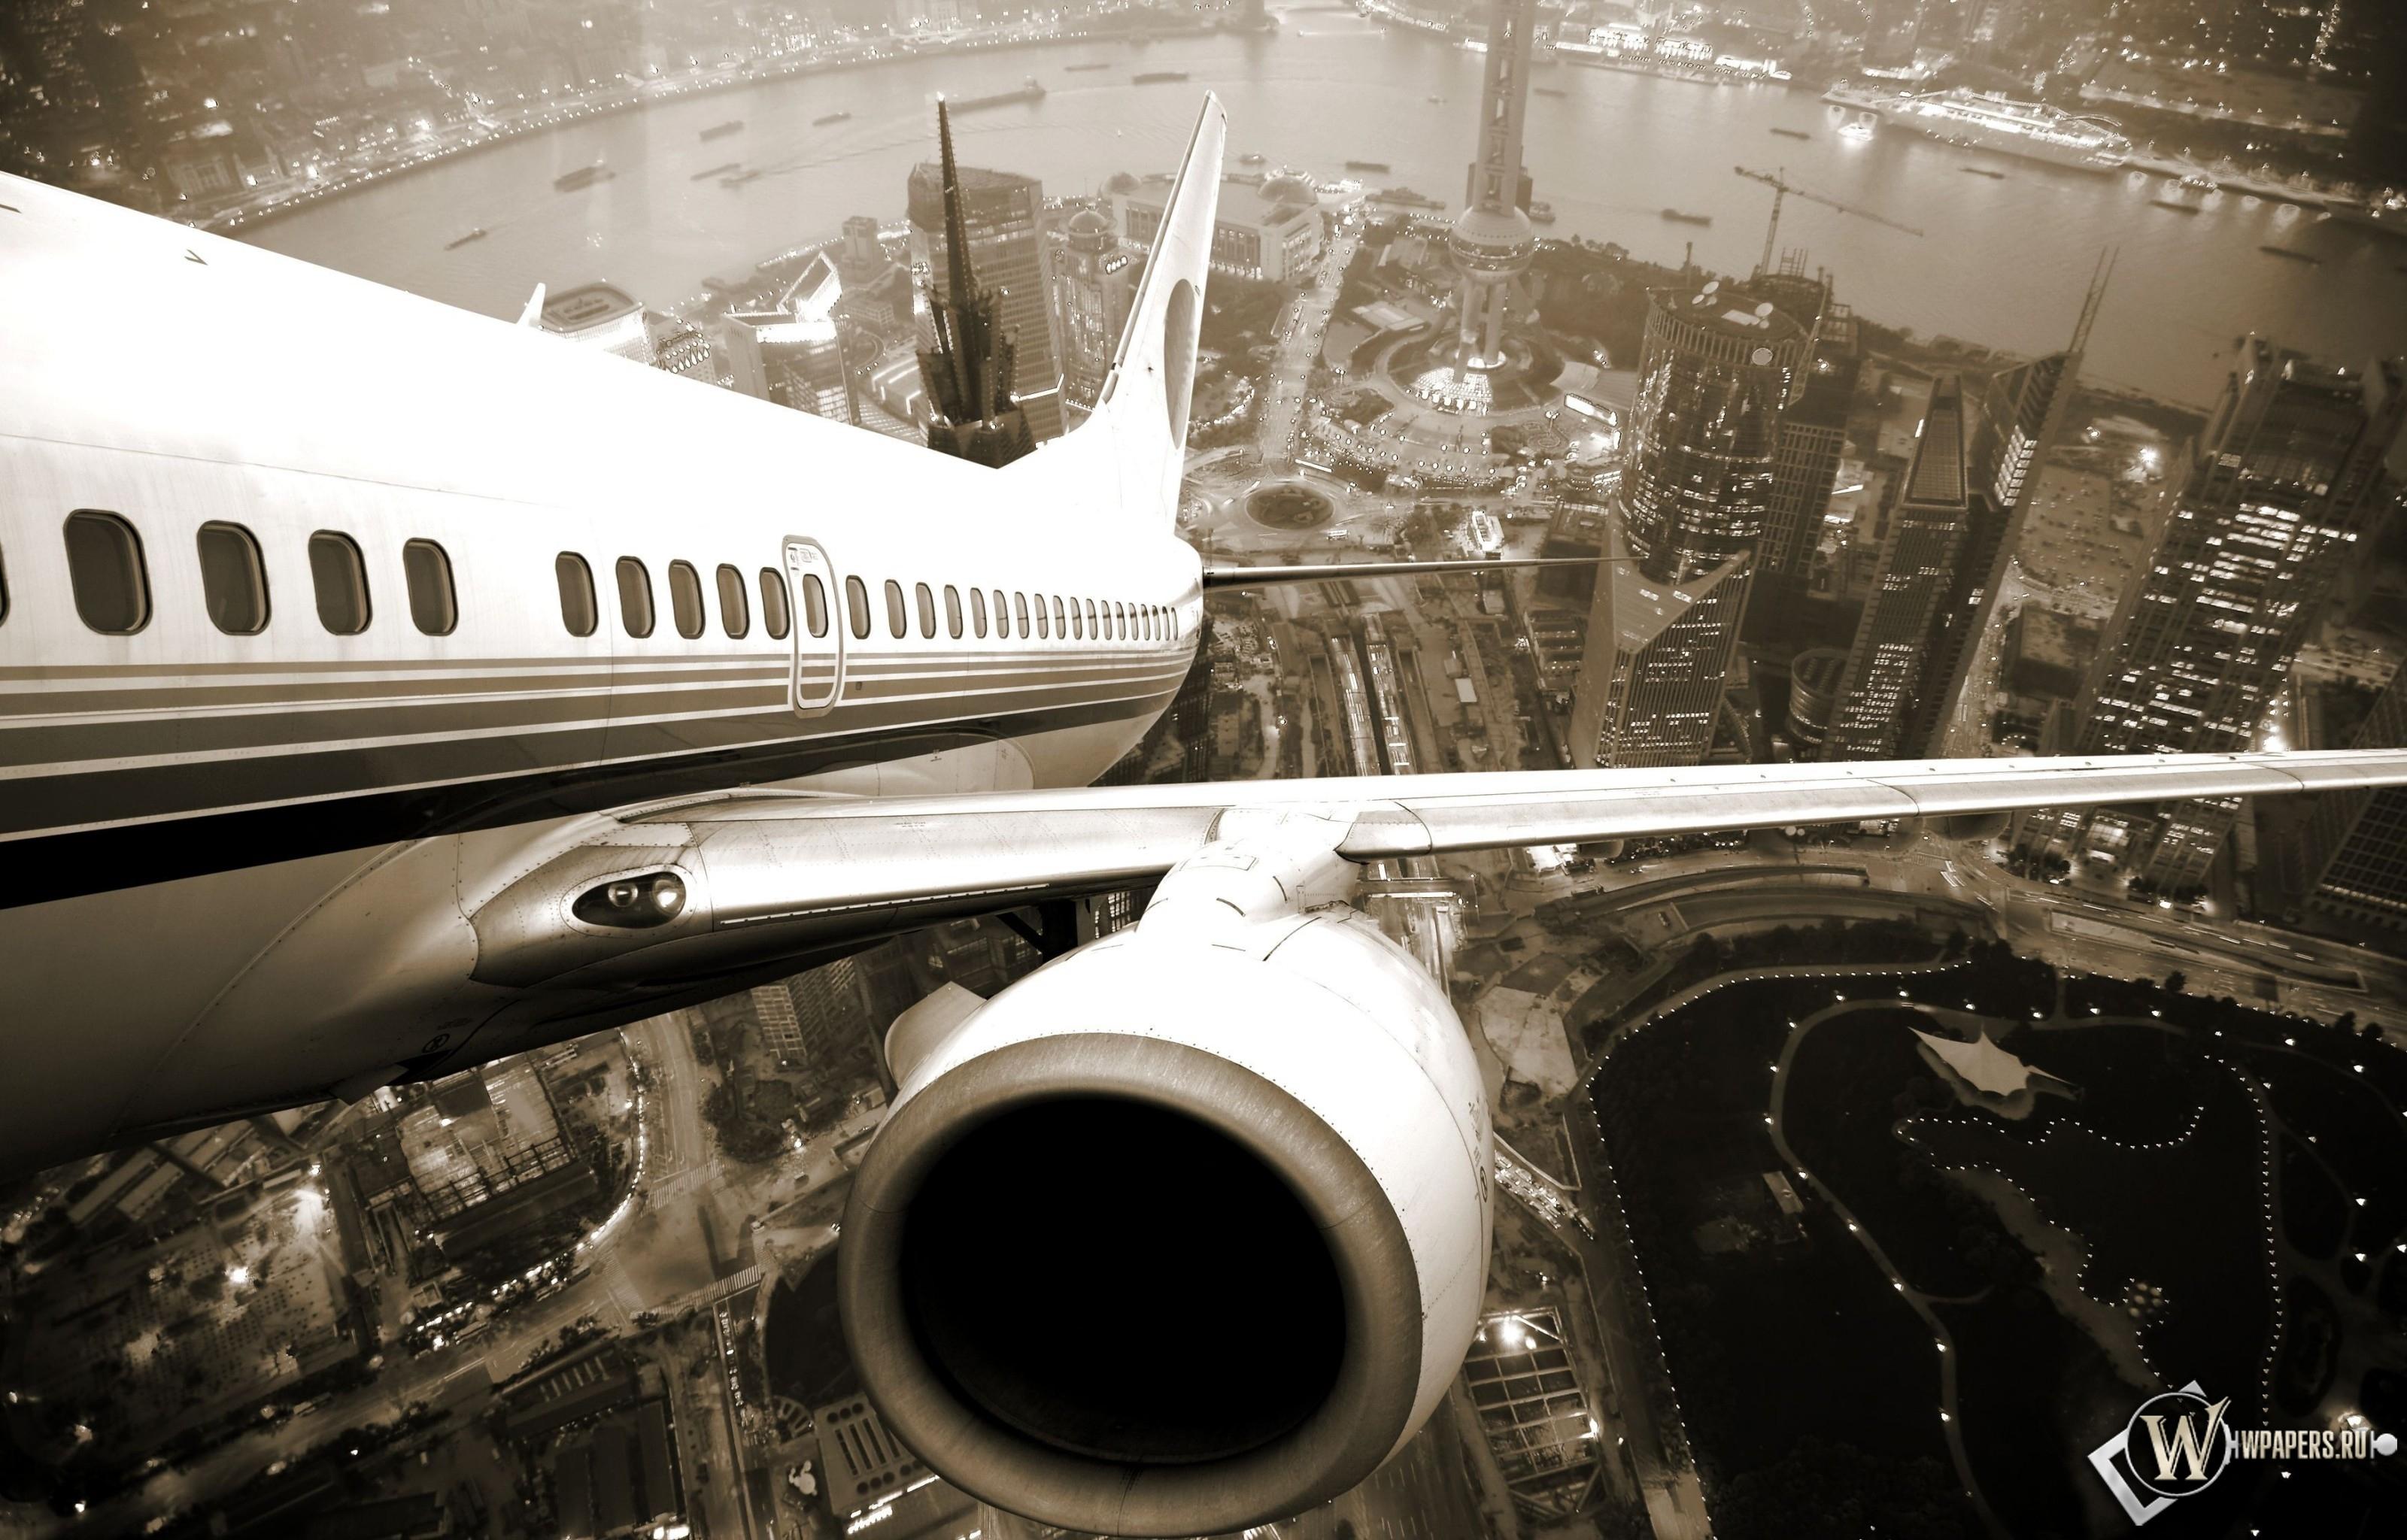 Взлет самолета 3200x2048